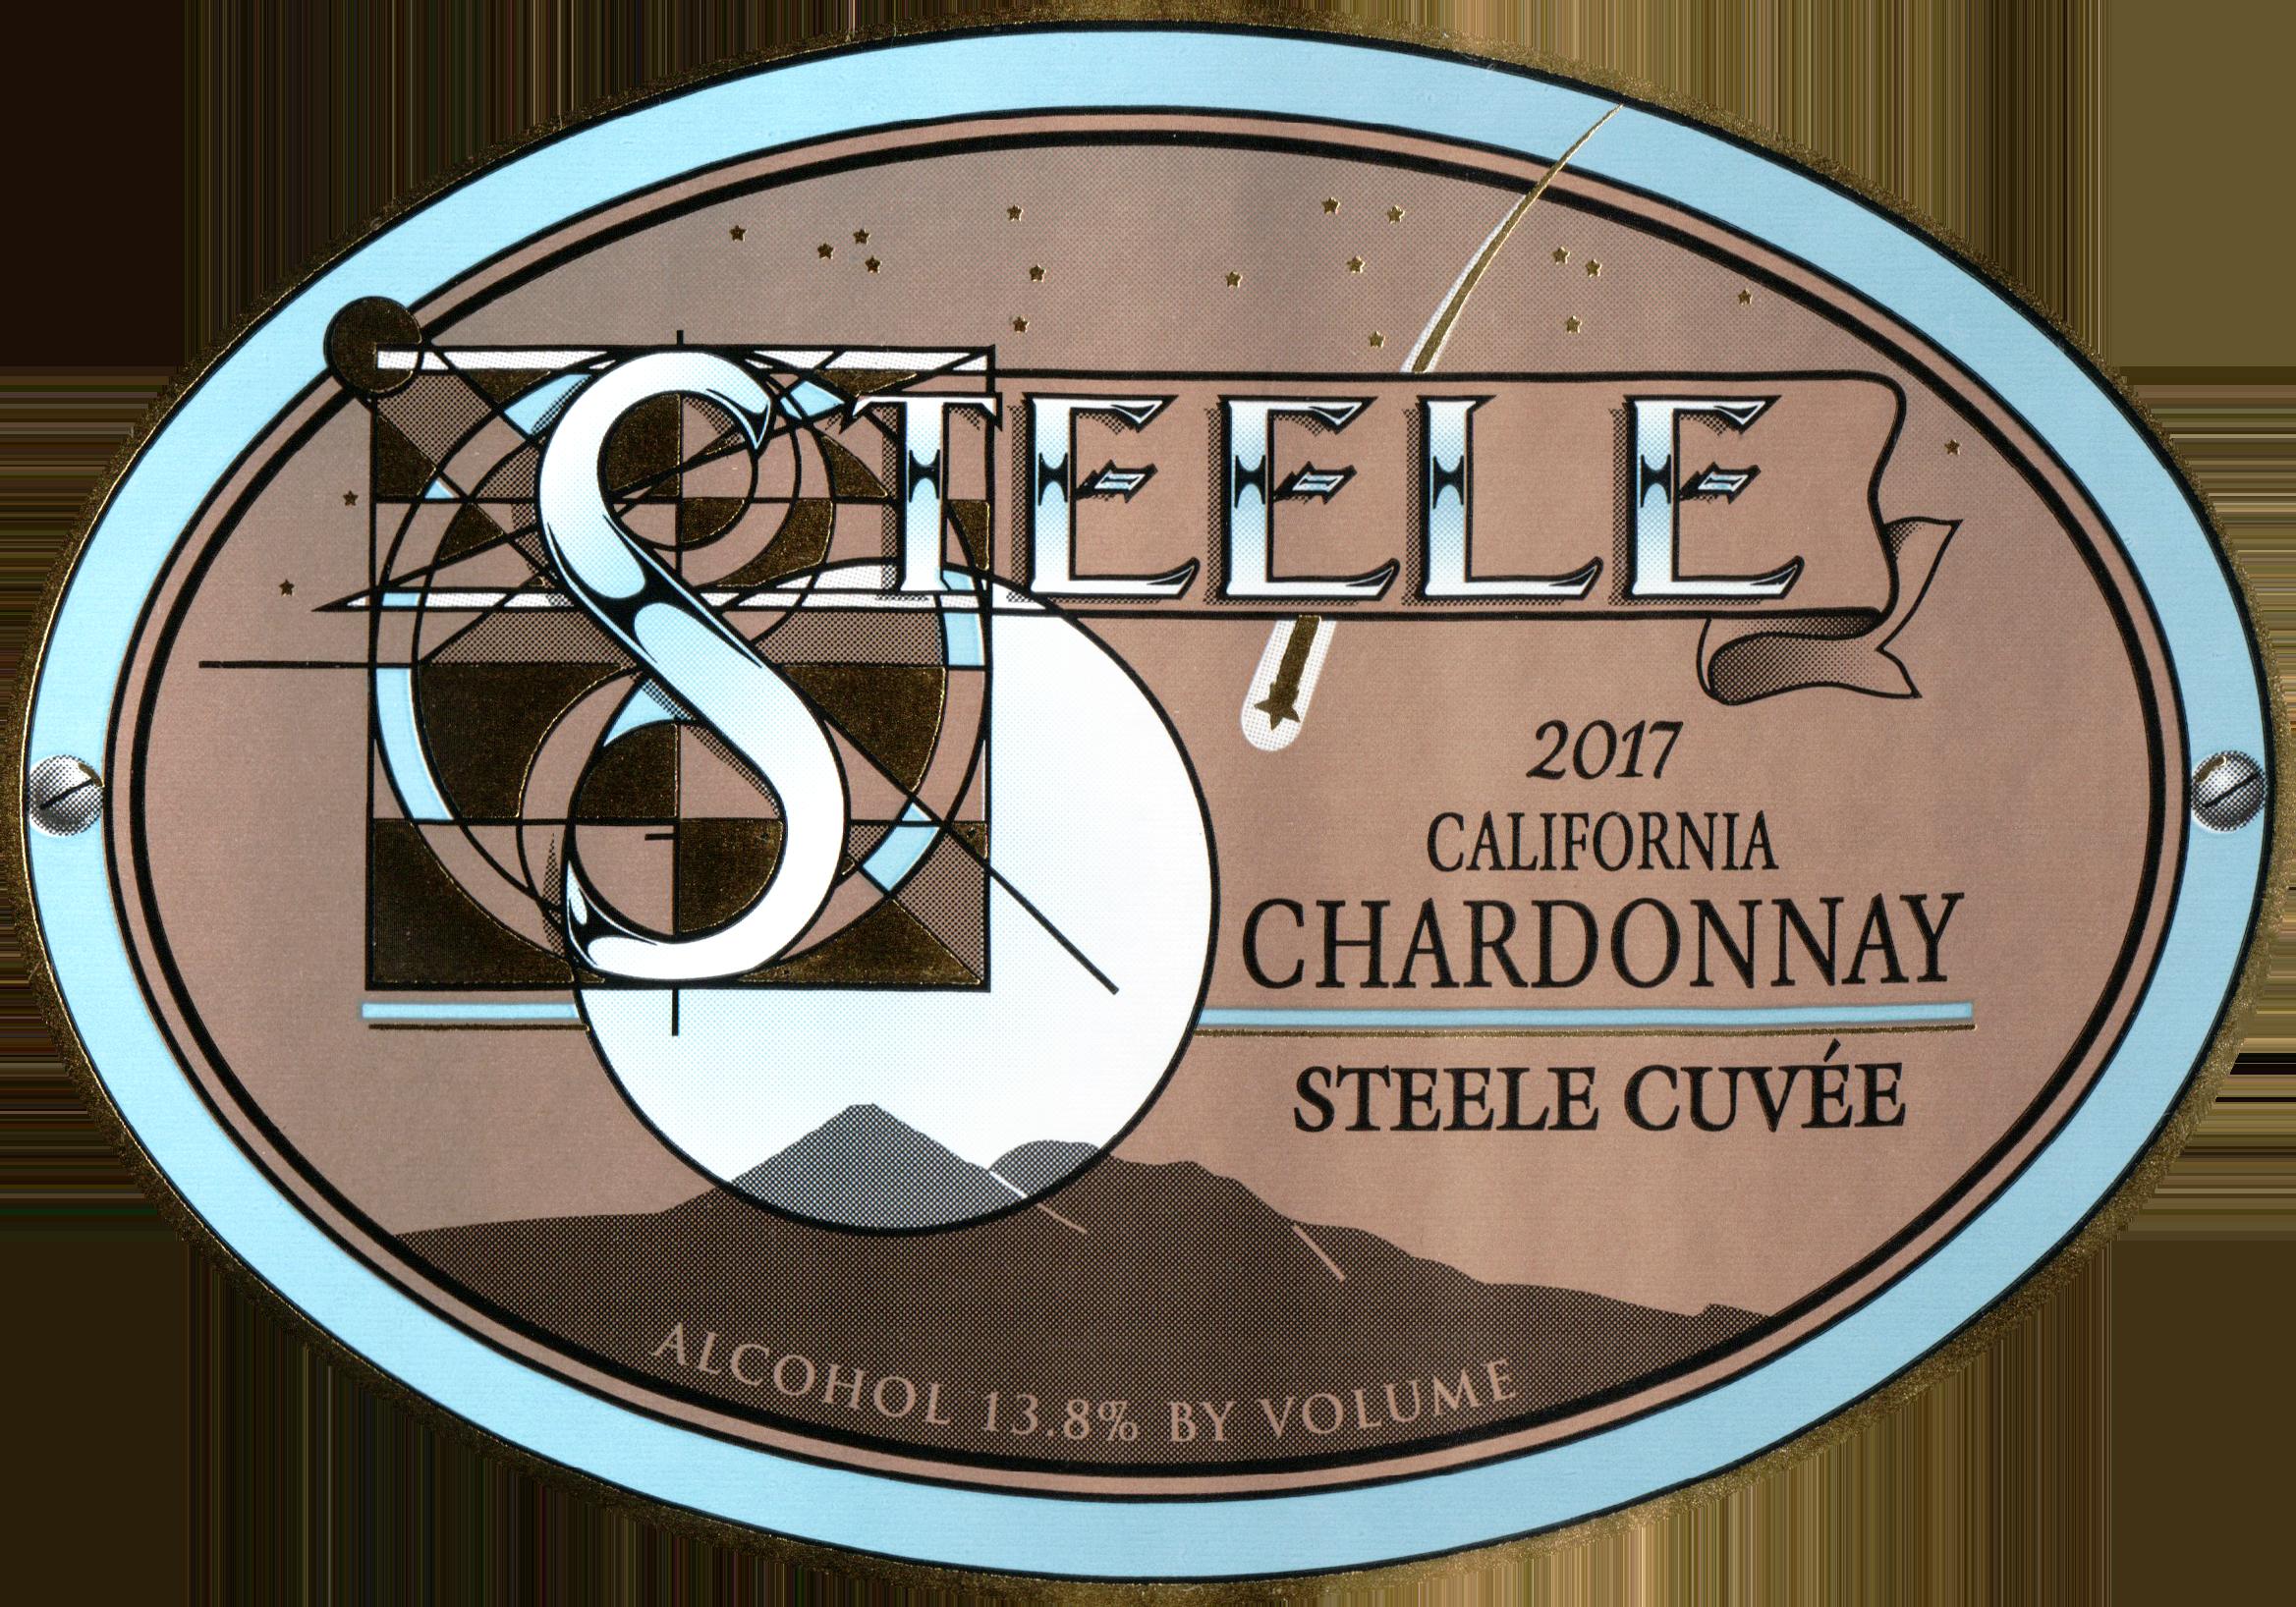 Steele Chardonnay Steele Cuvee 2017